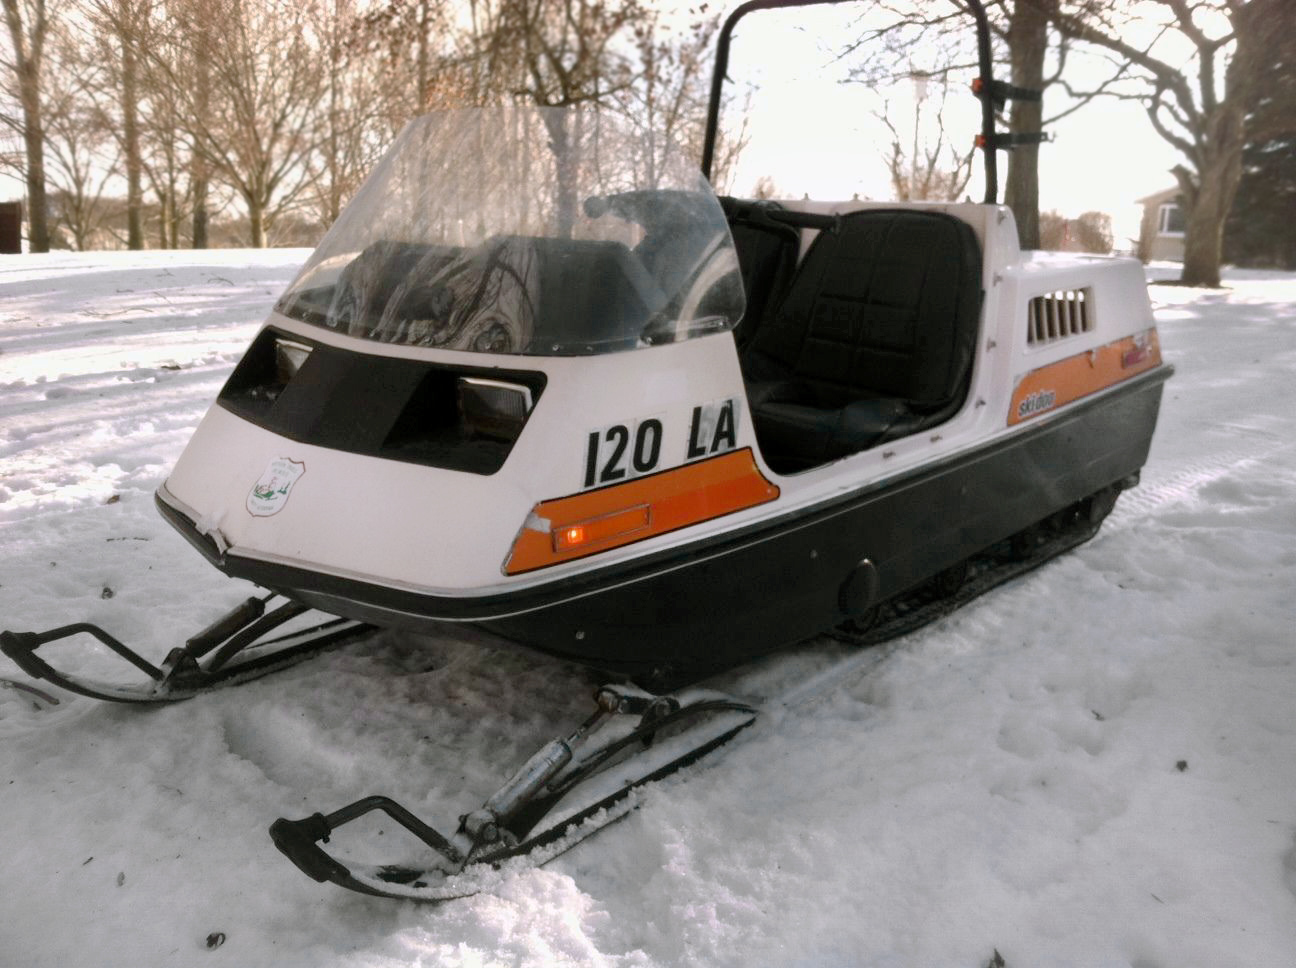 Elite Status: 1973 Ski-Doo Elite